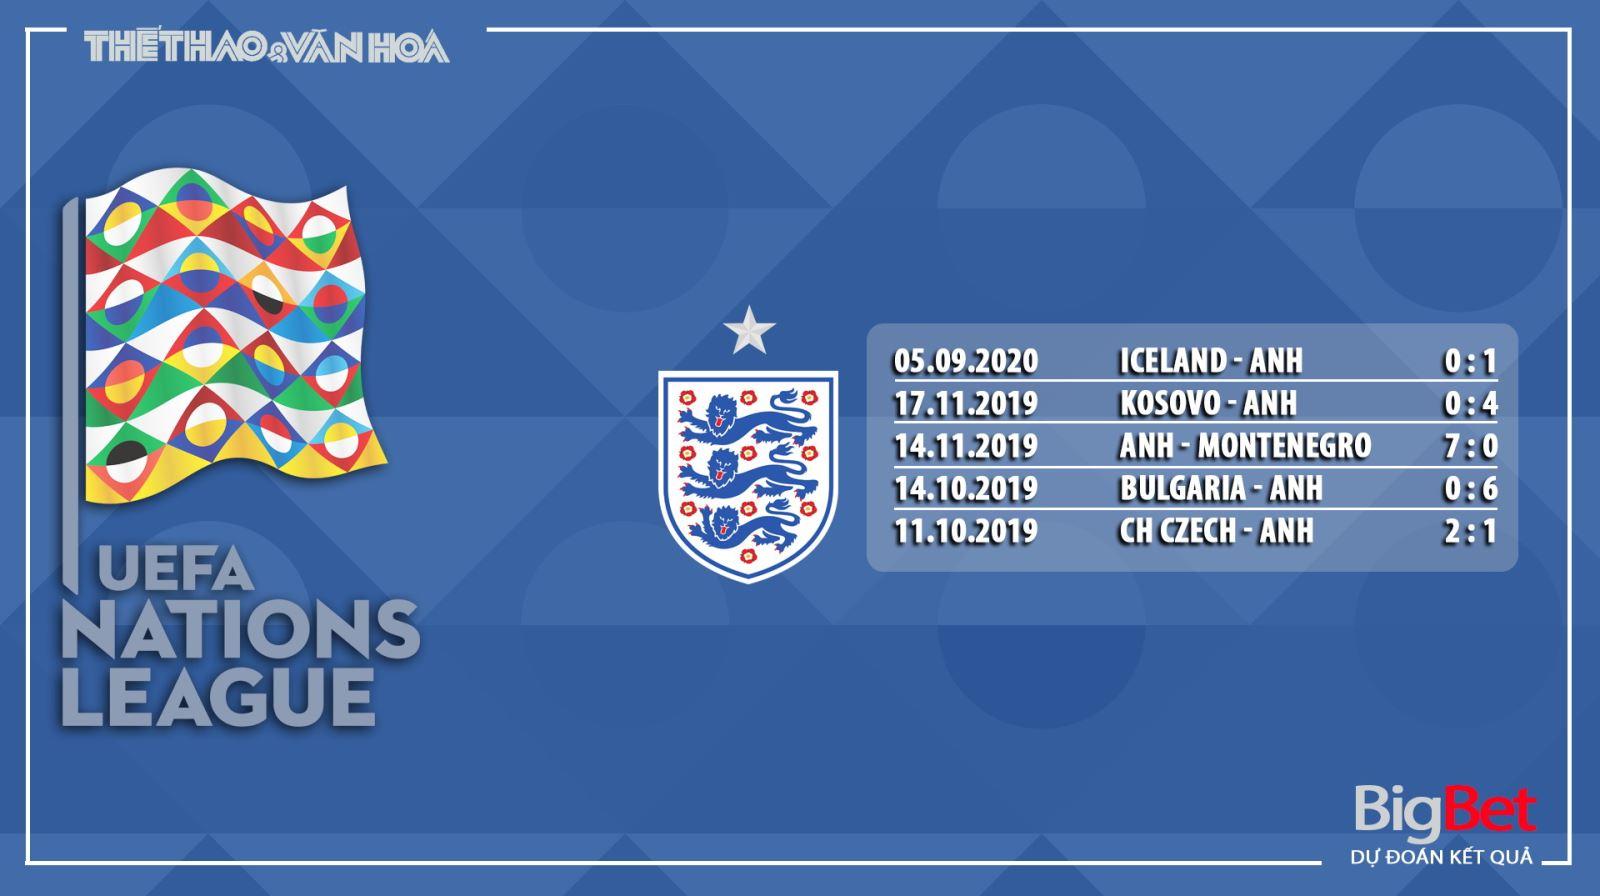 Đan Mạch vsAnh, Đan Mạch, Anh, soi kèo, kèo bóng đá, tài xỉu, soi kefi bóng đá, soi kèo Đan Mạch vsAnh, UEFA Nations League